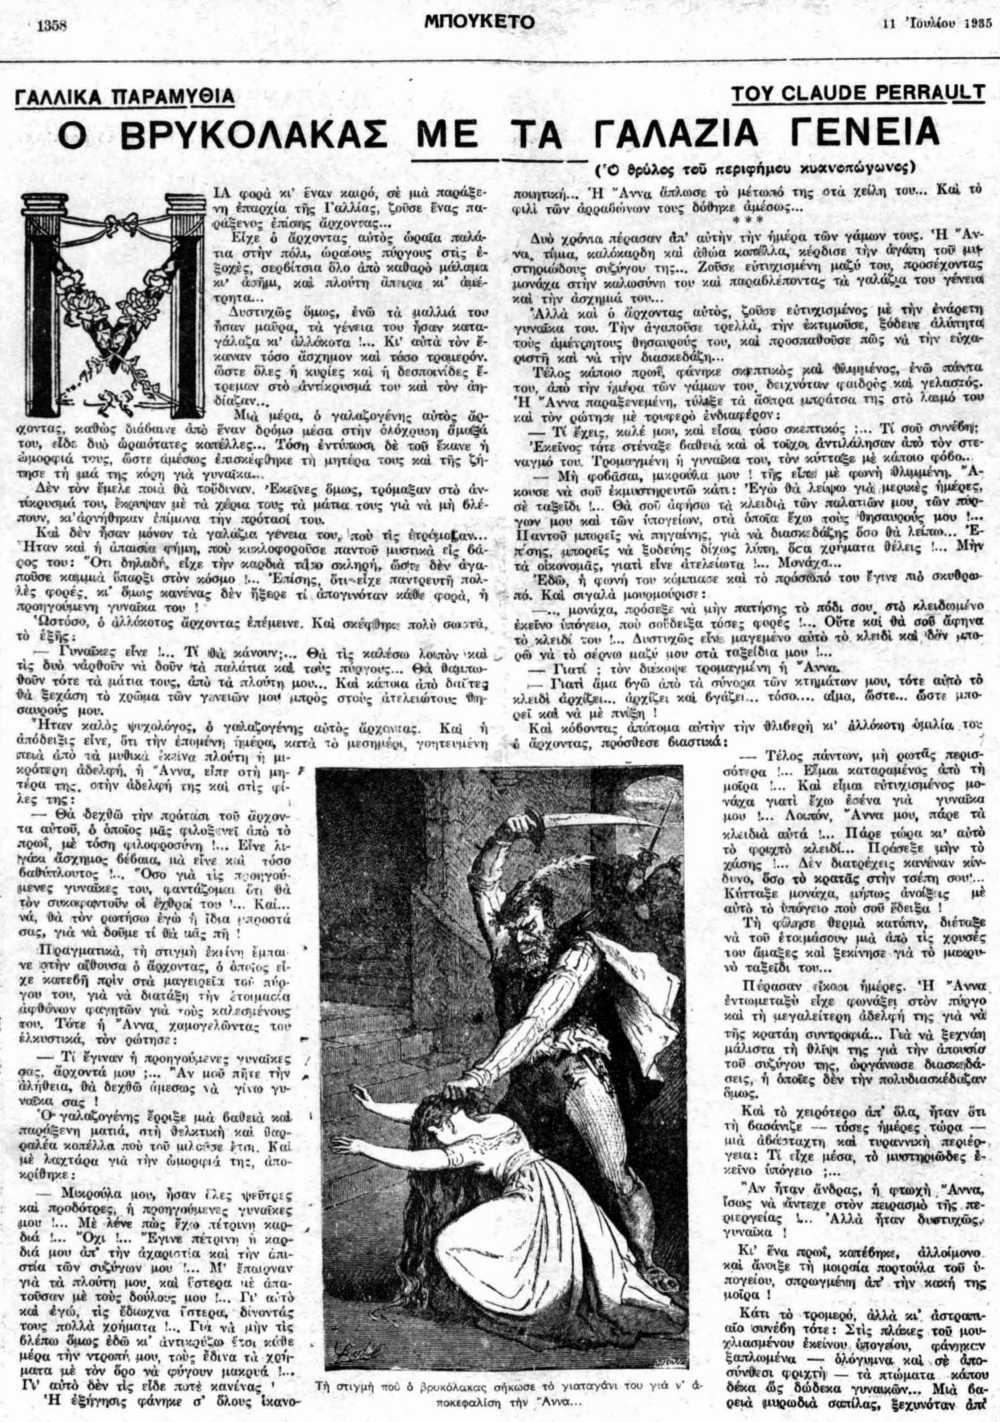 """Το άρθρο, όπως δημοσιεύθηκε στο περιοδικό """"ΜΠΟΥΚΕΤΟ"""", στις 11/07/1935"""